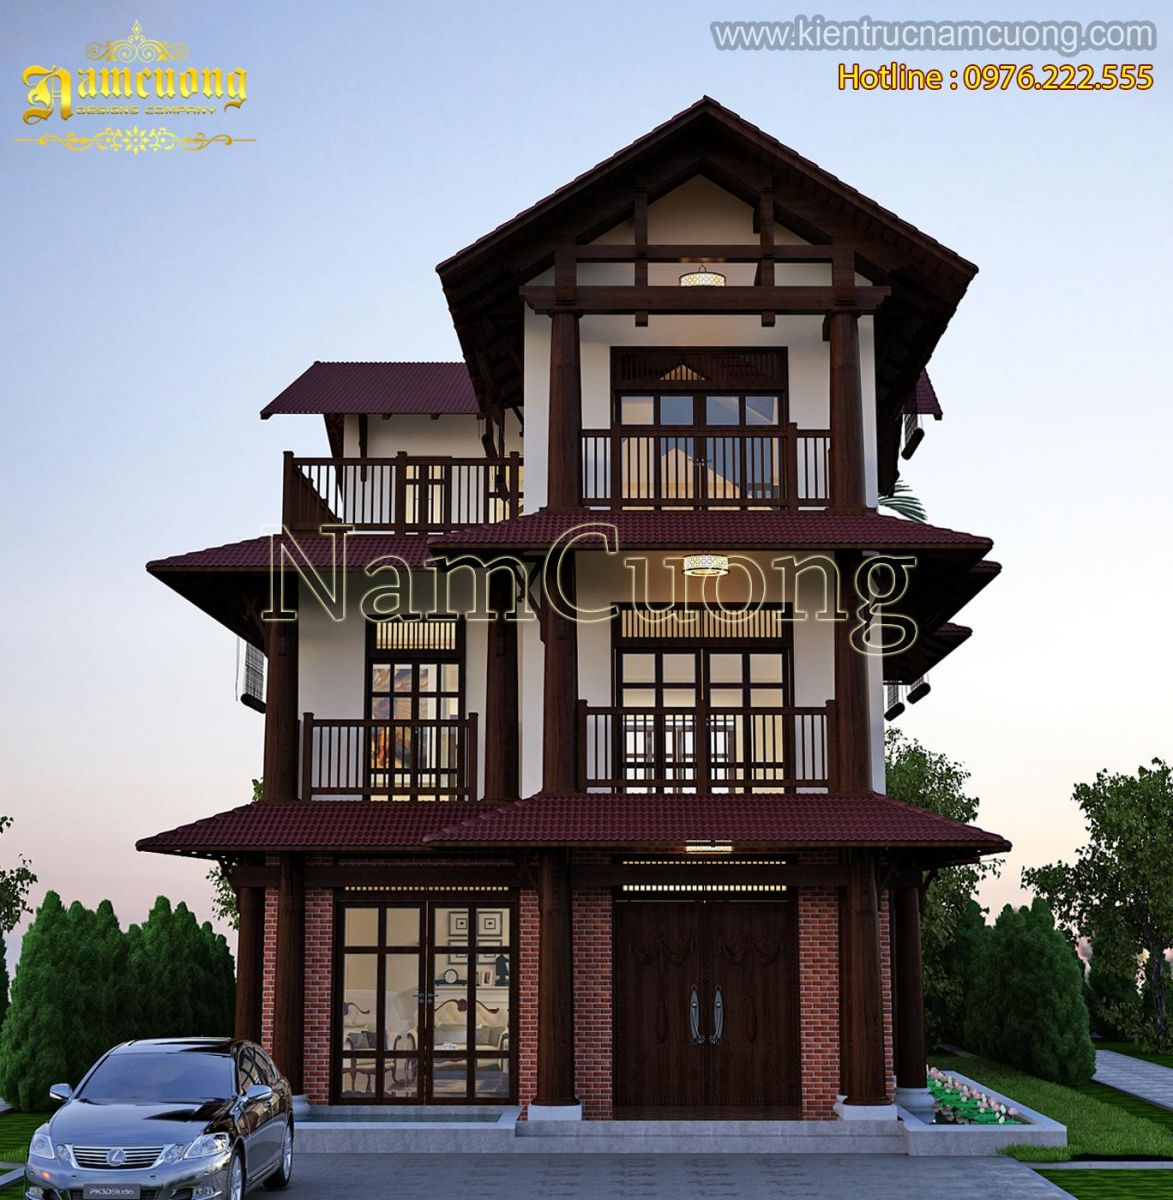 Độc đáo với mẫu thiết kế biệt thự tân cổ điển tại Hà Nội - BTCD 030